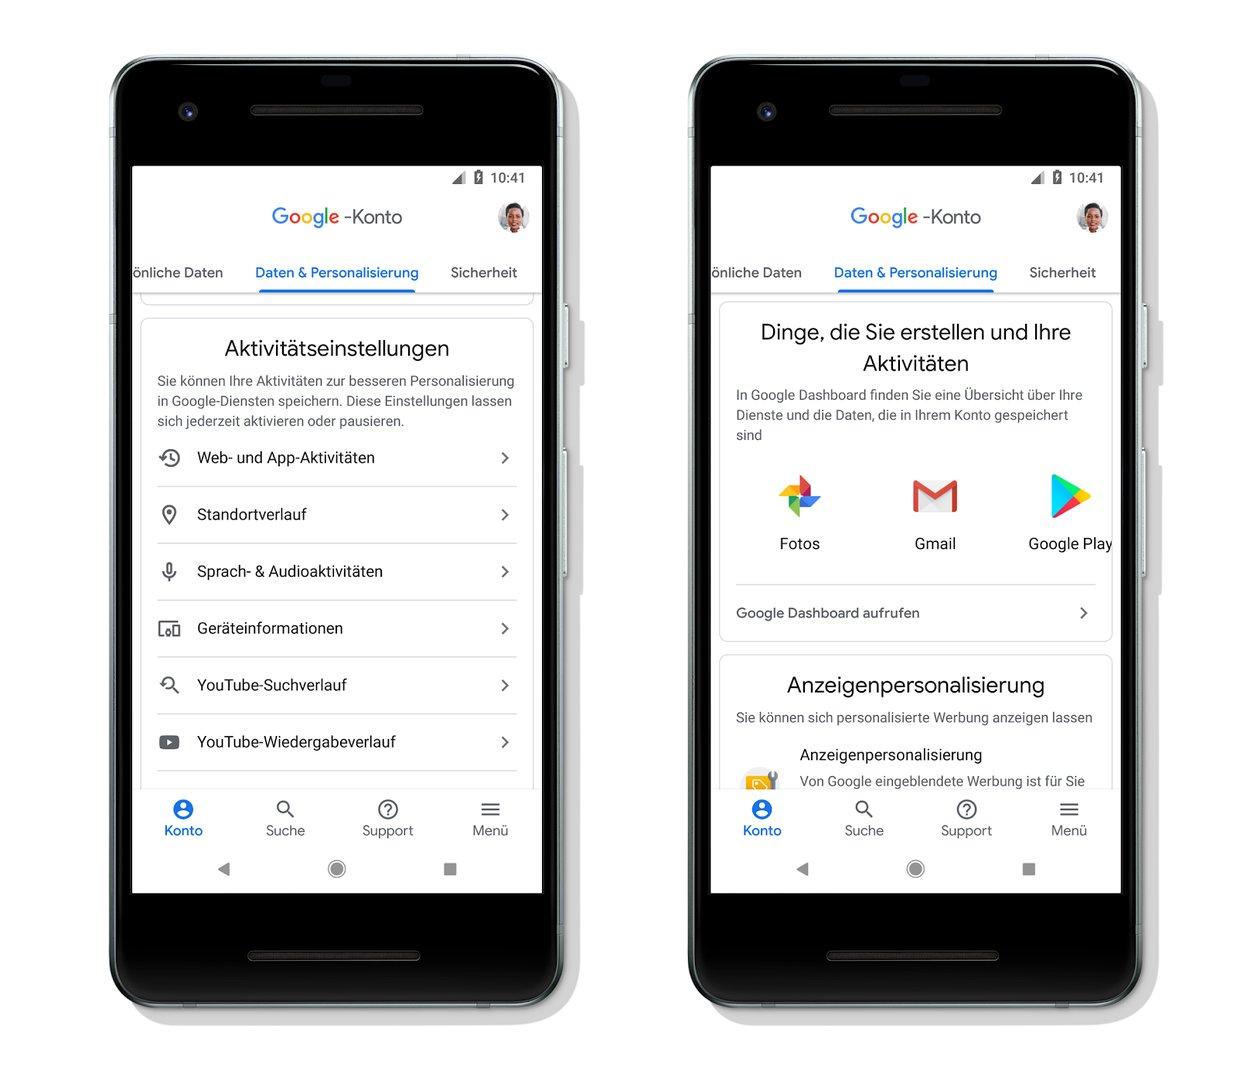 Google-Konto: Daten und Personalisierung